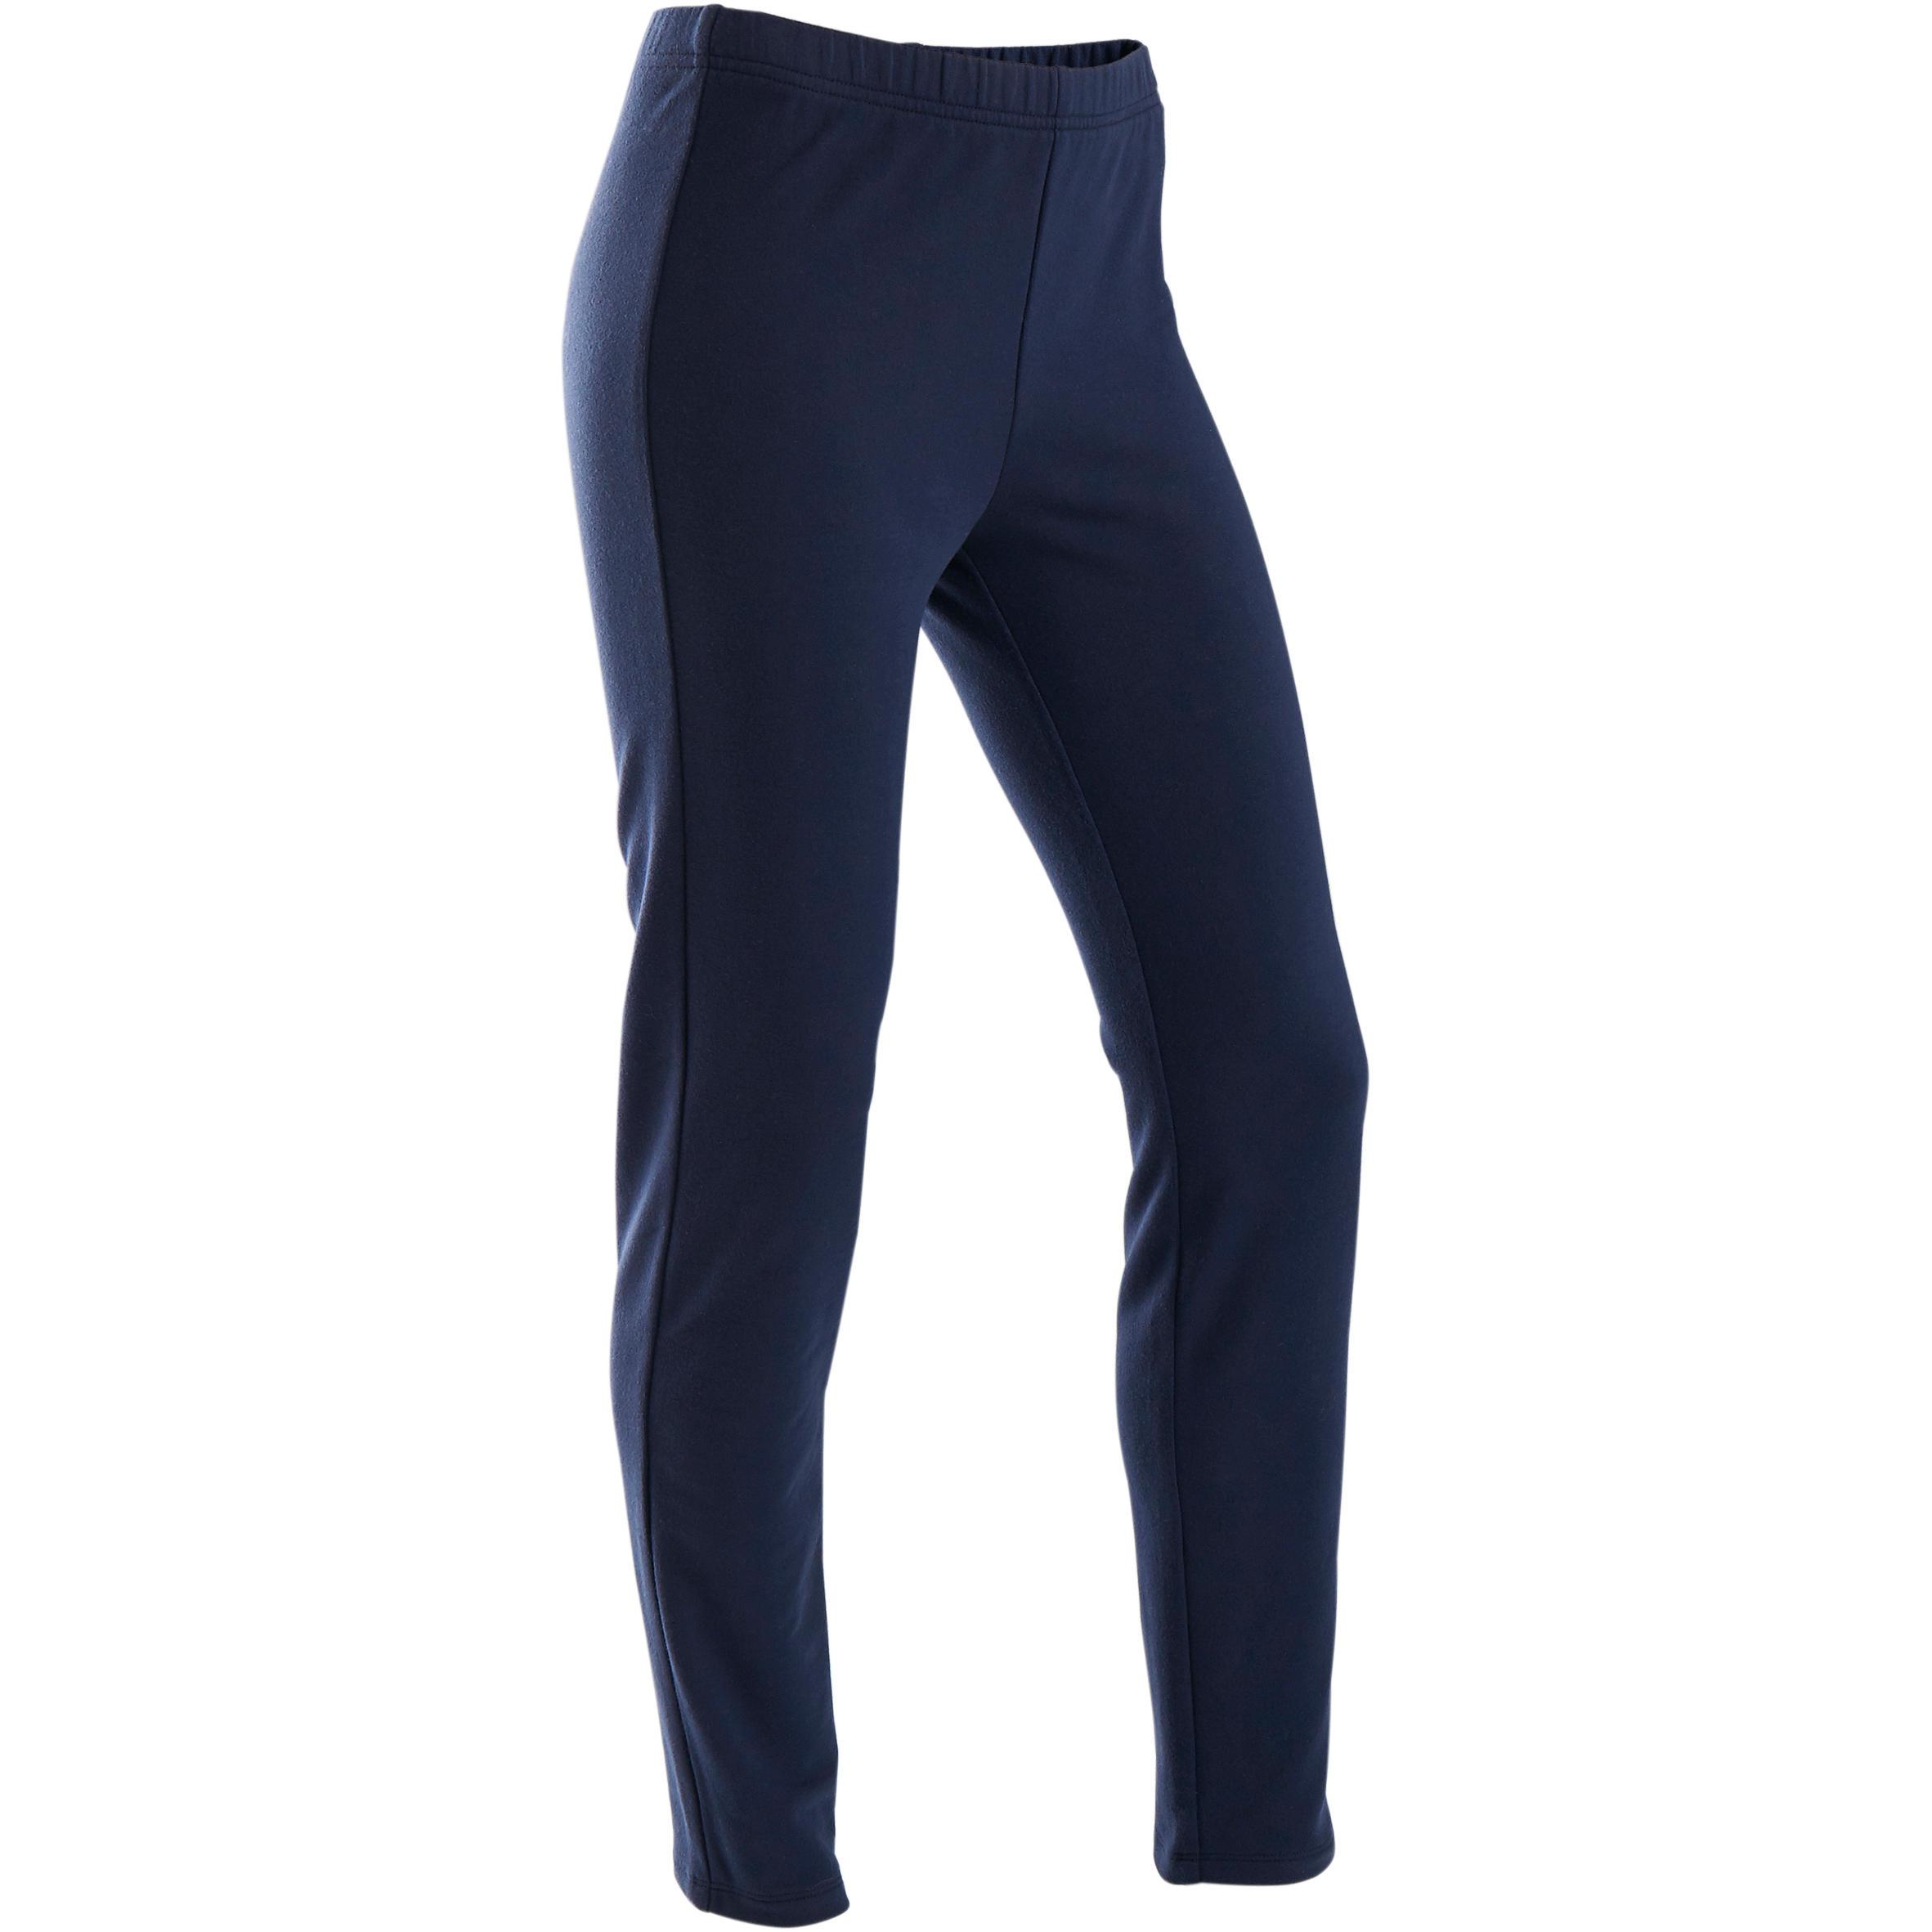 Pantalon 100bleumarin băieți